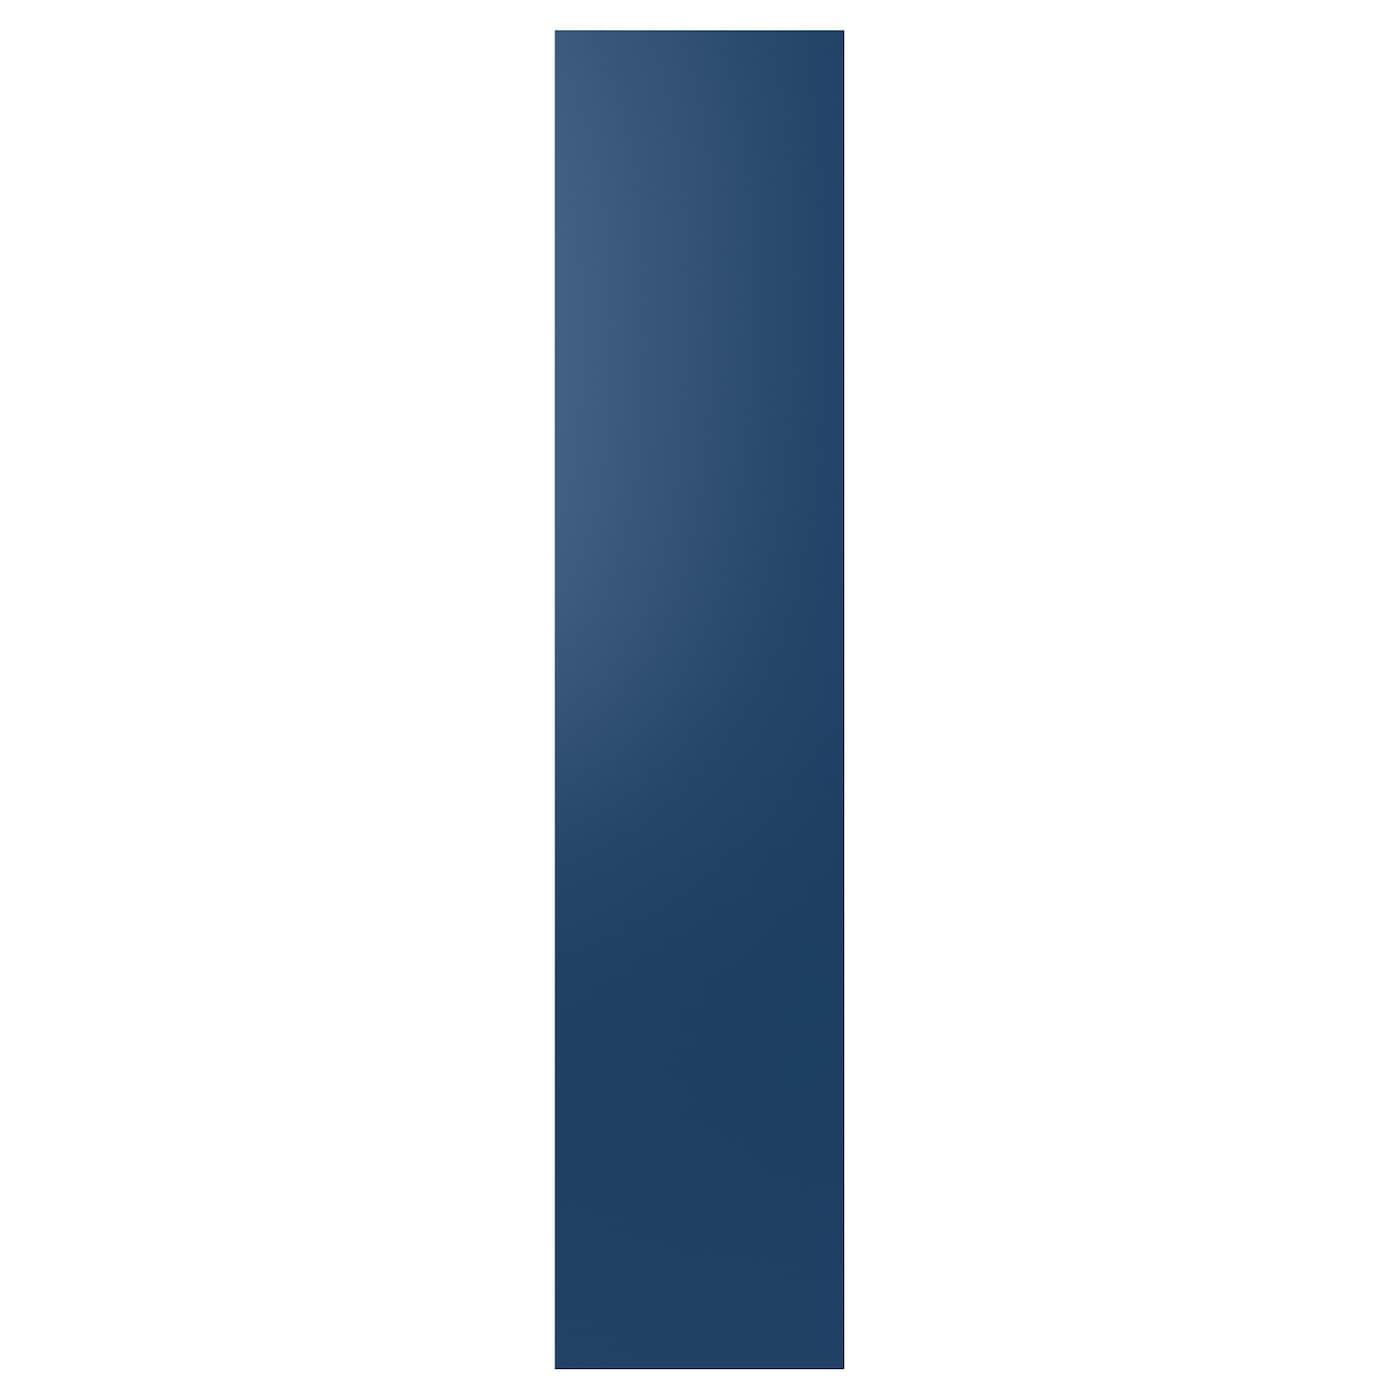 Forsand Door Dark Blue 50 X 229 Cm Ikea